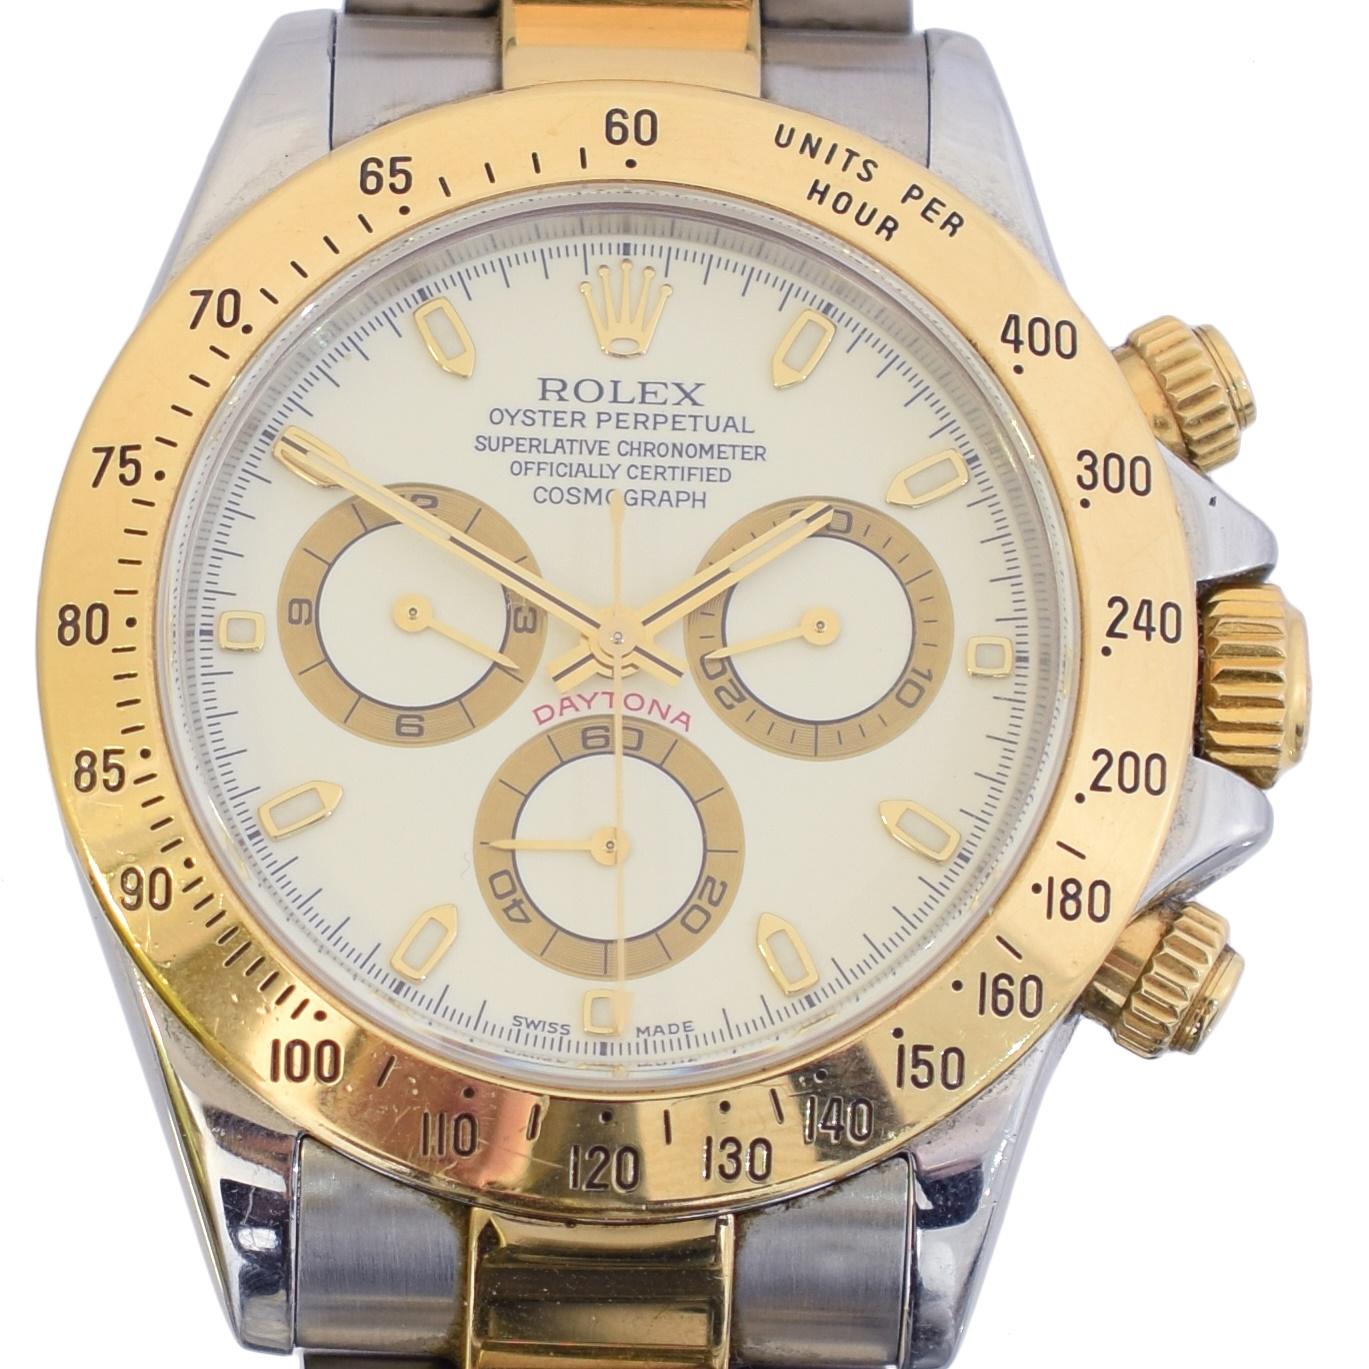 June Fine Watches